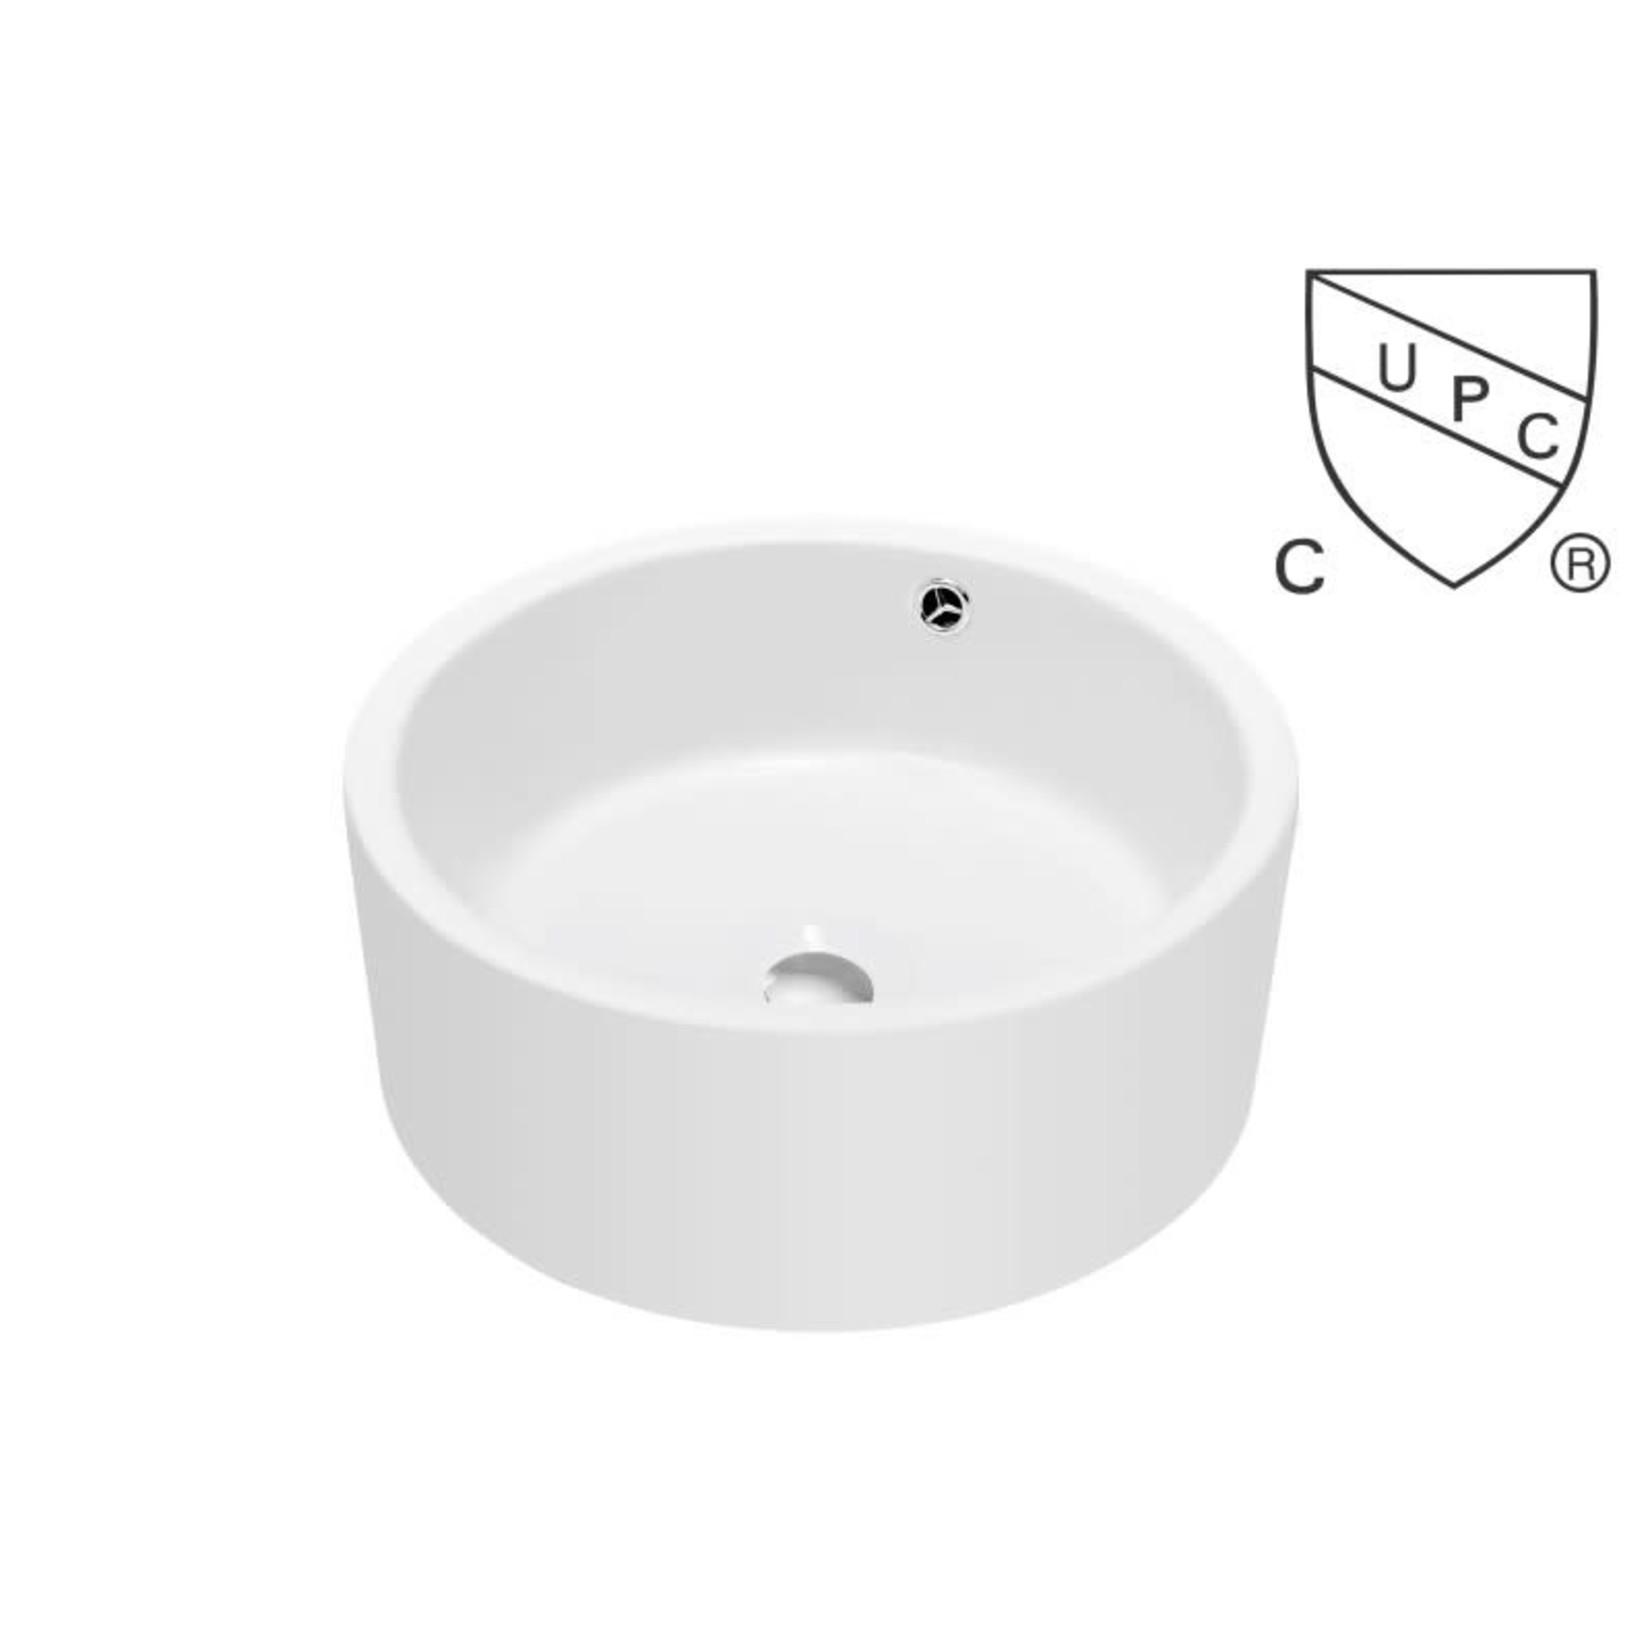 Vasque en porcelaine blanc DI-134537